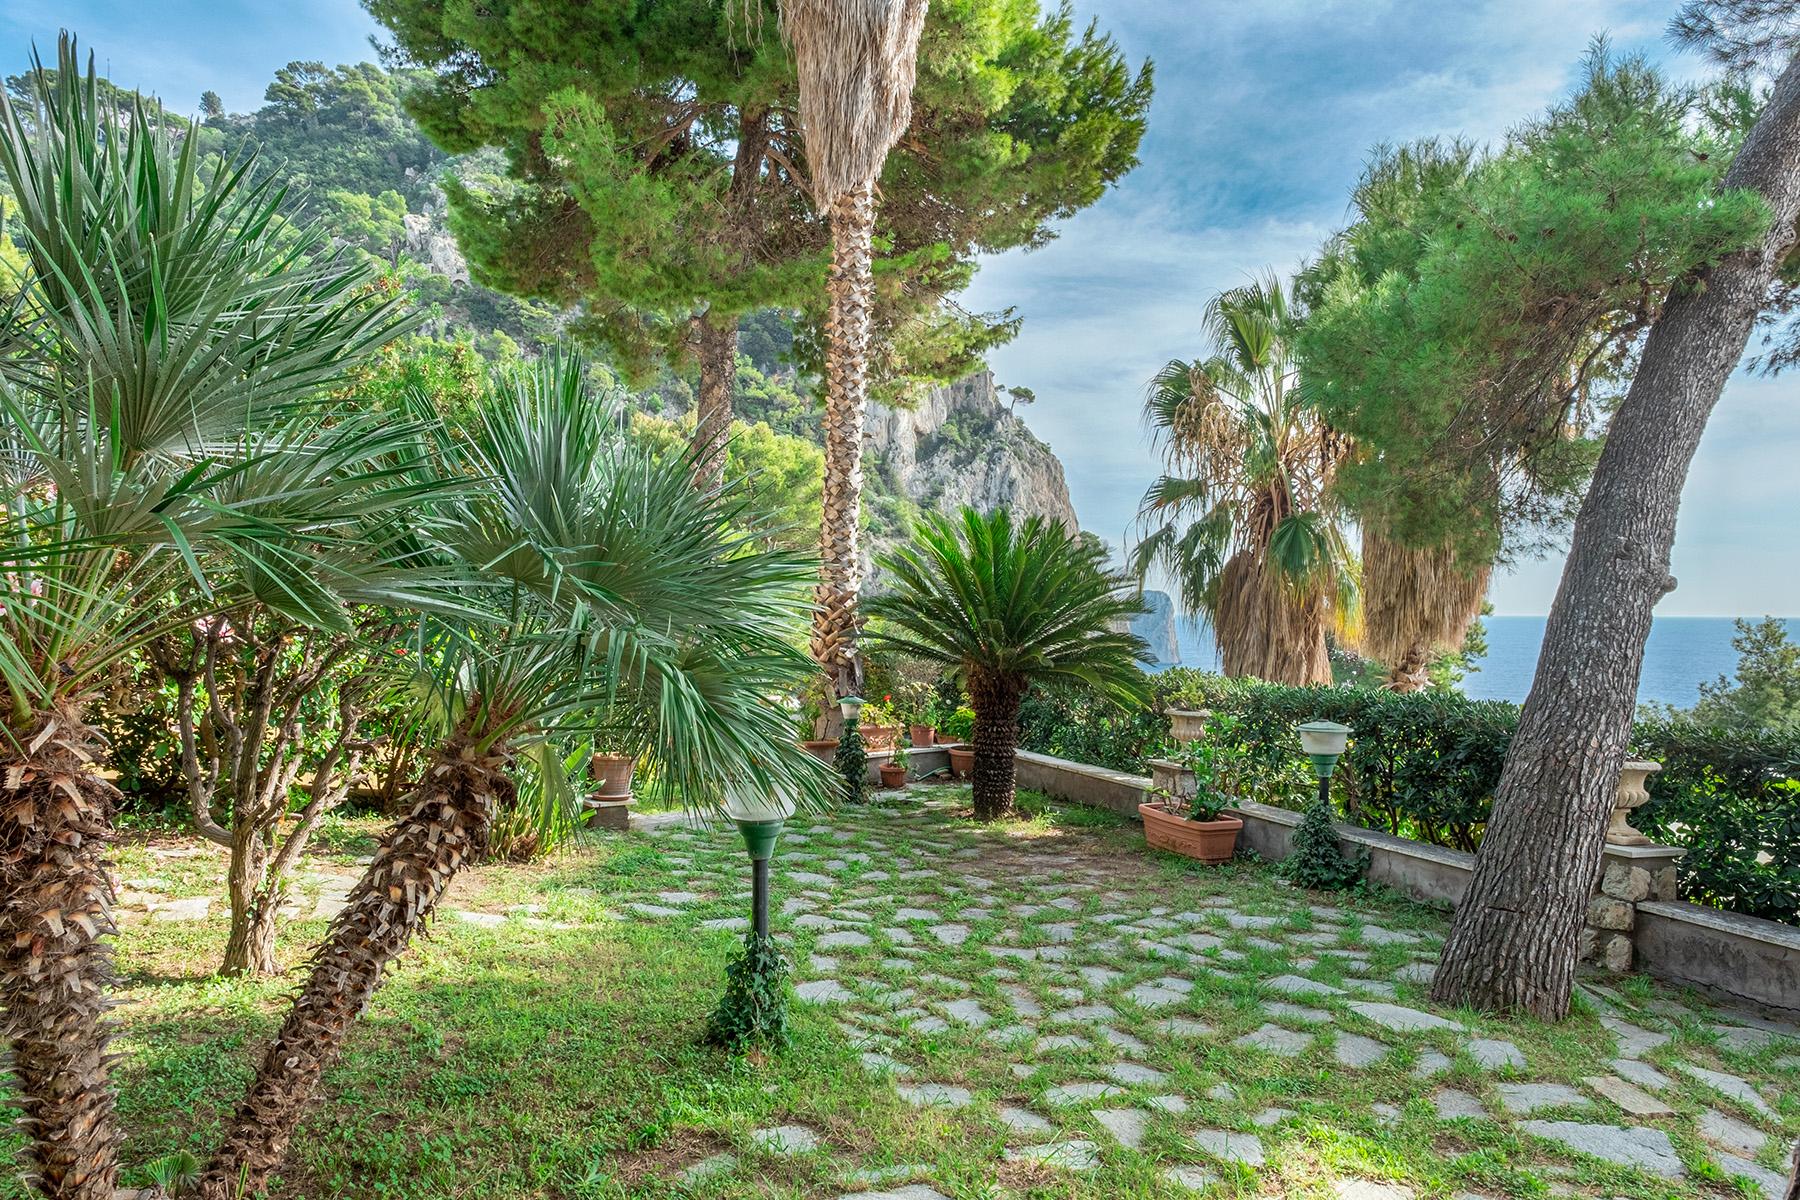 Villa in Vendita a Capri: 5 locali, 200 mq - Foto 11